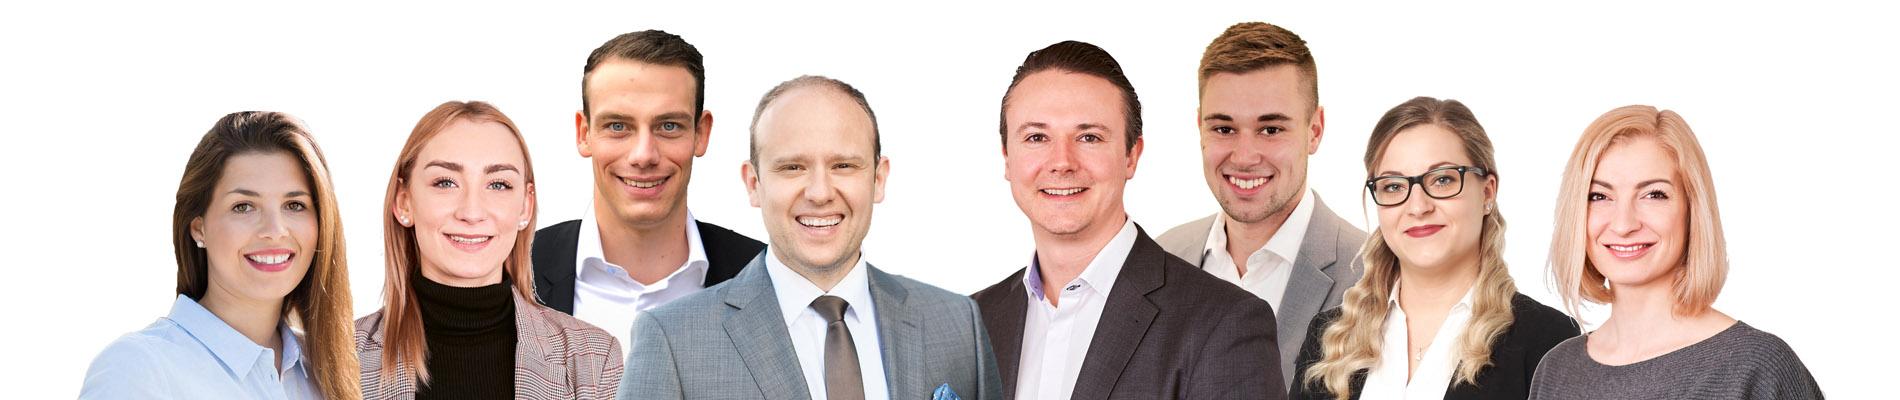 Das Team der albfinanz GmbH Reutlingen stellt sich vor - Ihr unabhängiges Profimaklerteam.